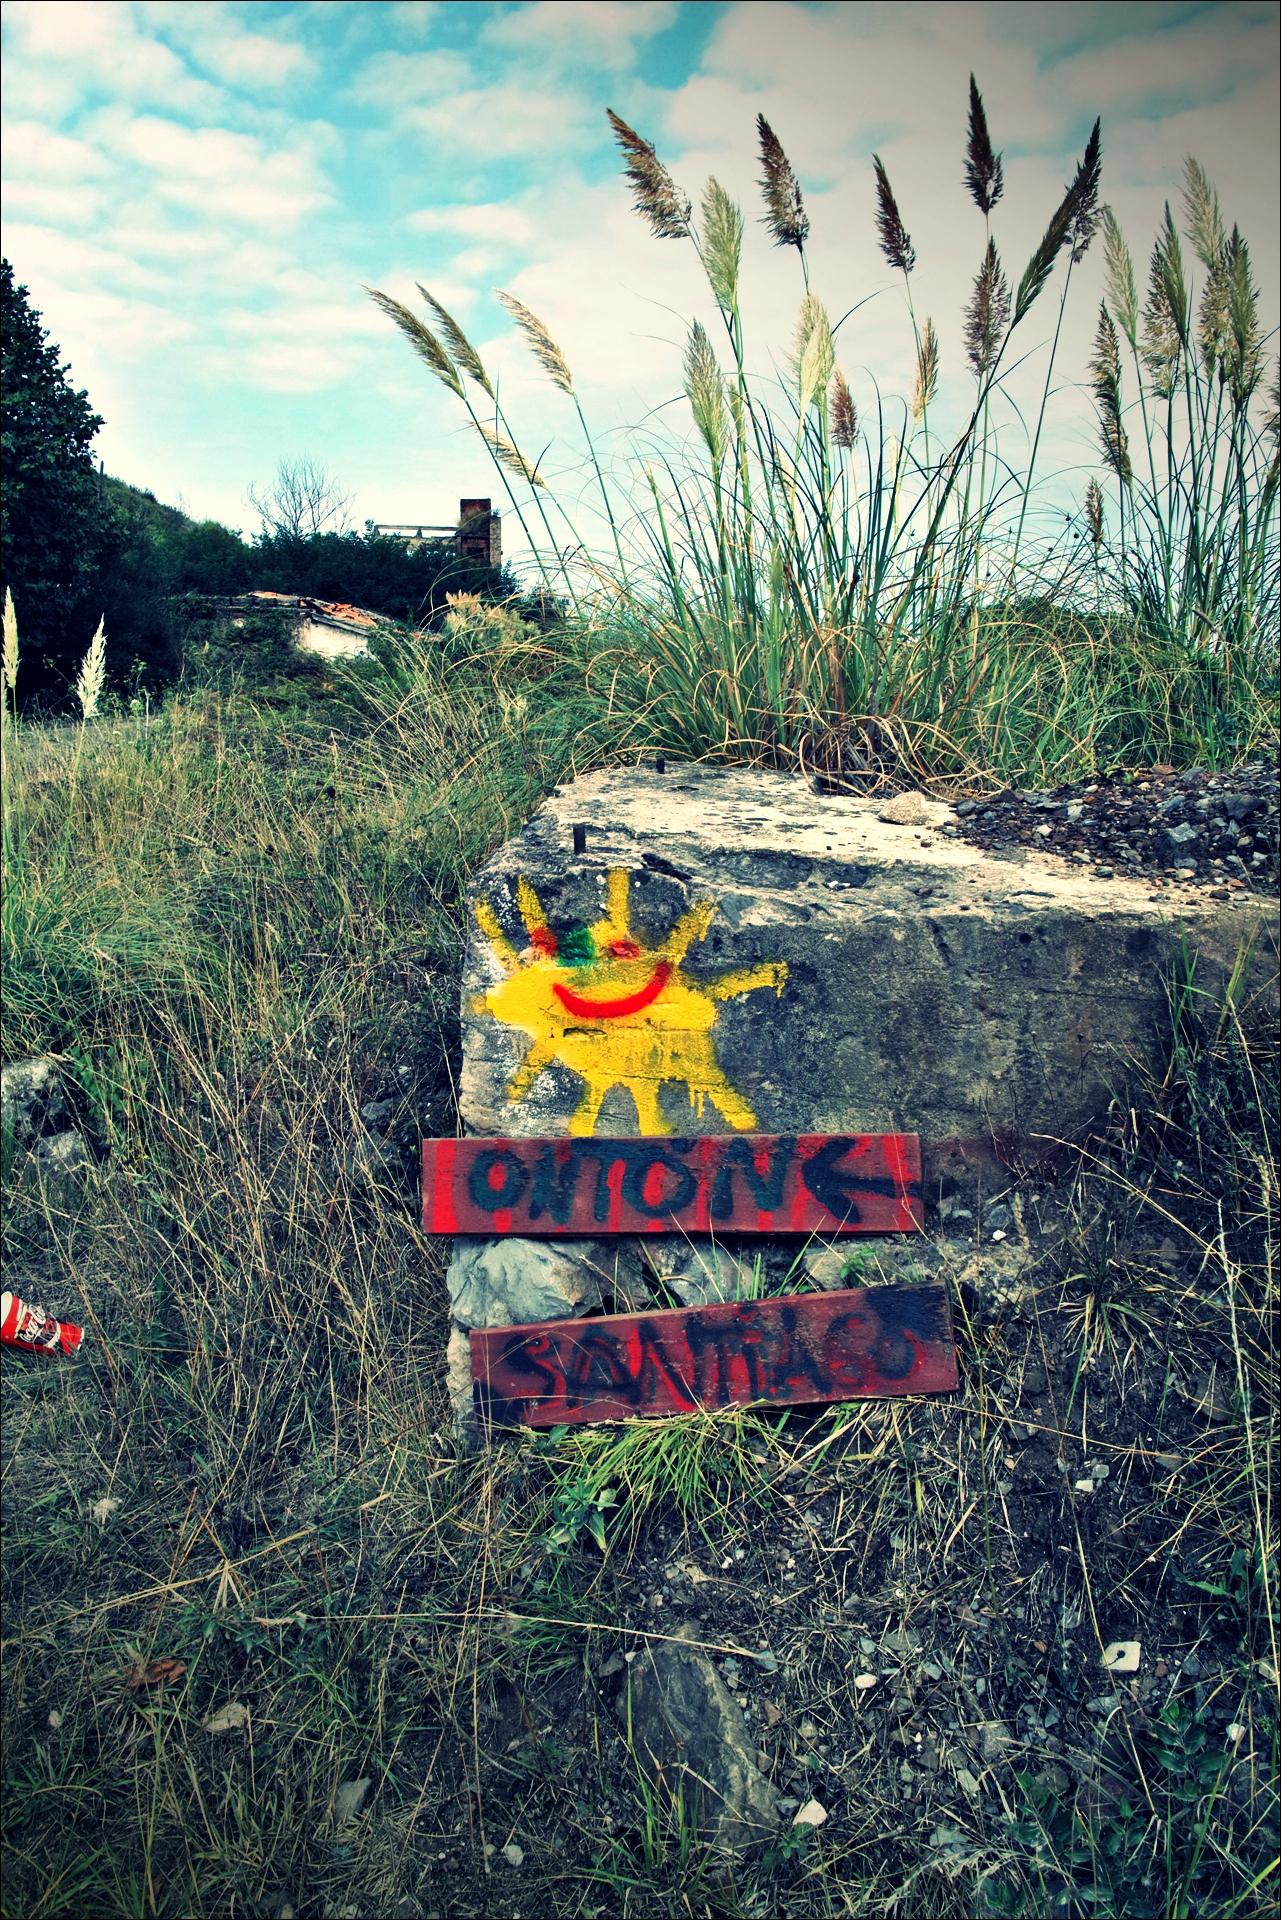 이정표-'카미노 데 산티아고 북쪽길. 포르투갈레테에서 카스트로 우르디알레스. (Camino del Norte - Portugalete to Castro Urdiales) '